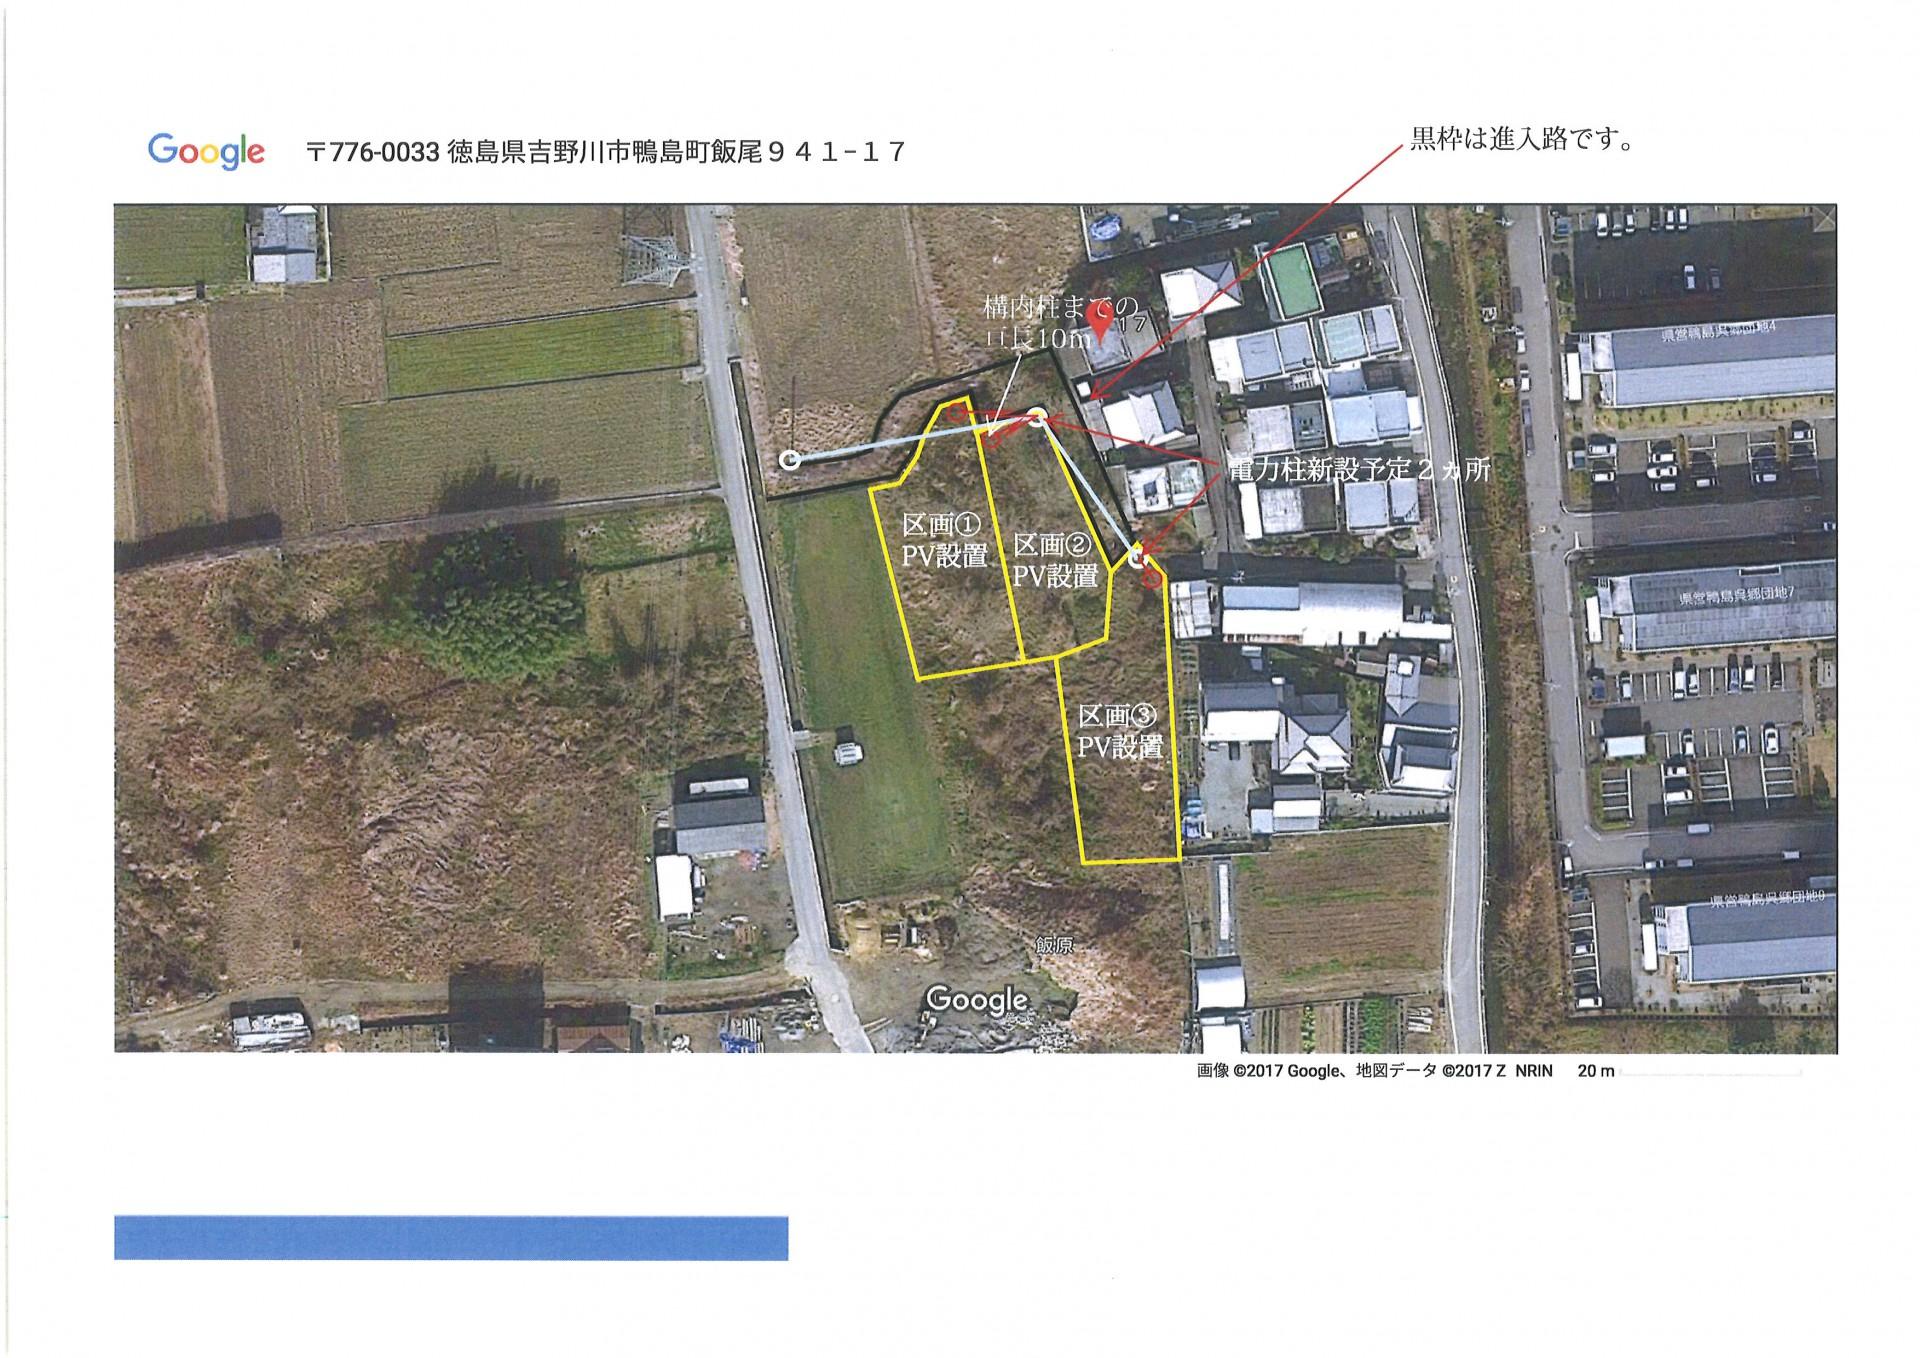 【JPN】E274 FIT21円 徳島県吉野川市発電所のメイン画像